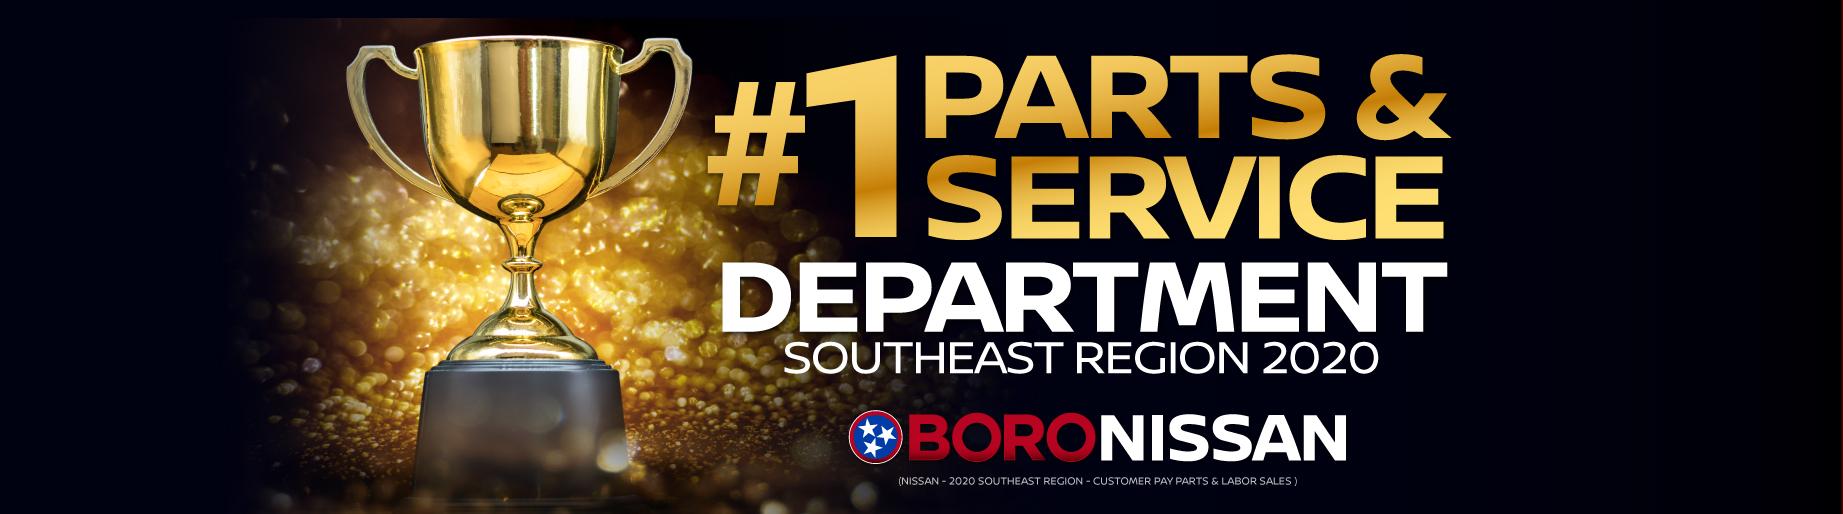 #1 Parts & Service Department